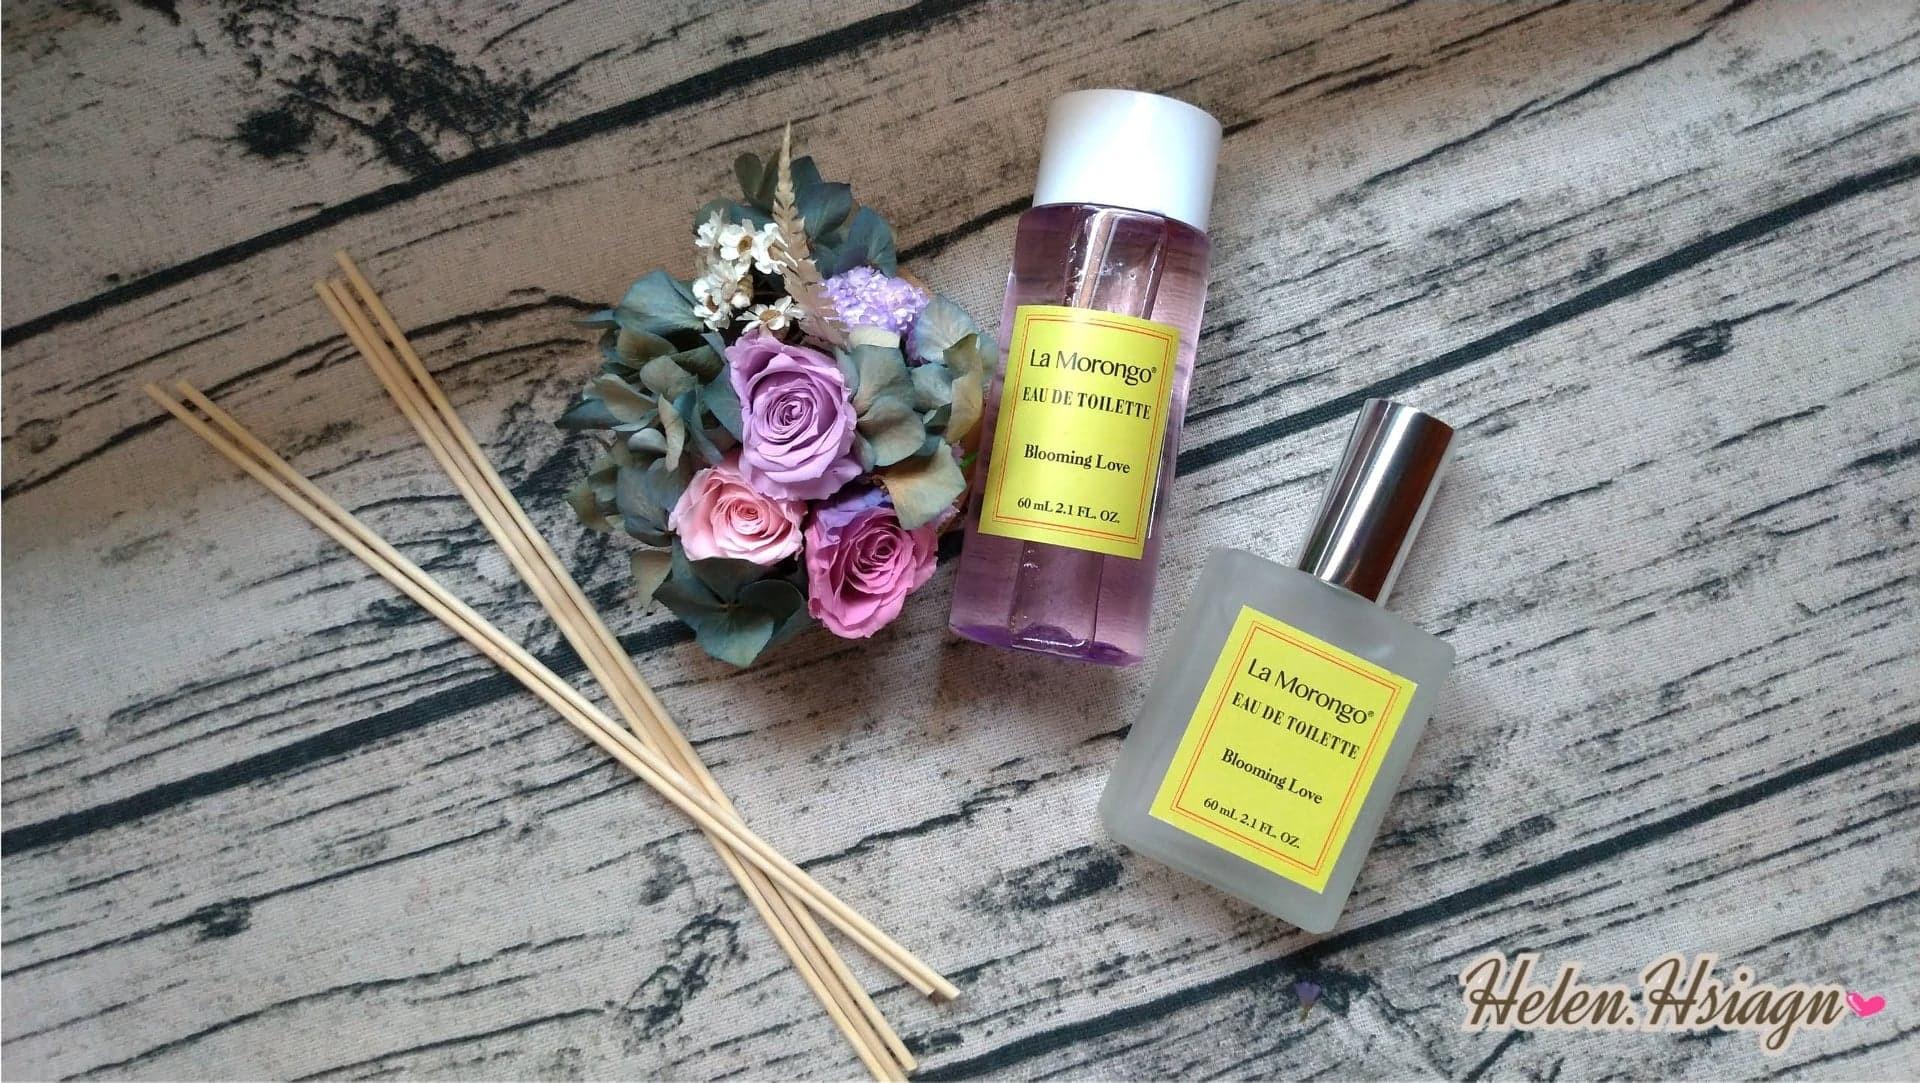 [海倫推薦款] 法國樂木美品蜂蜜桂花精油擴香竹組合